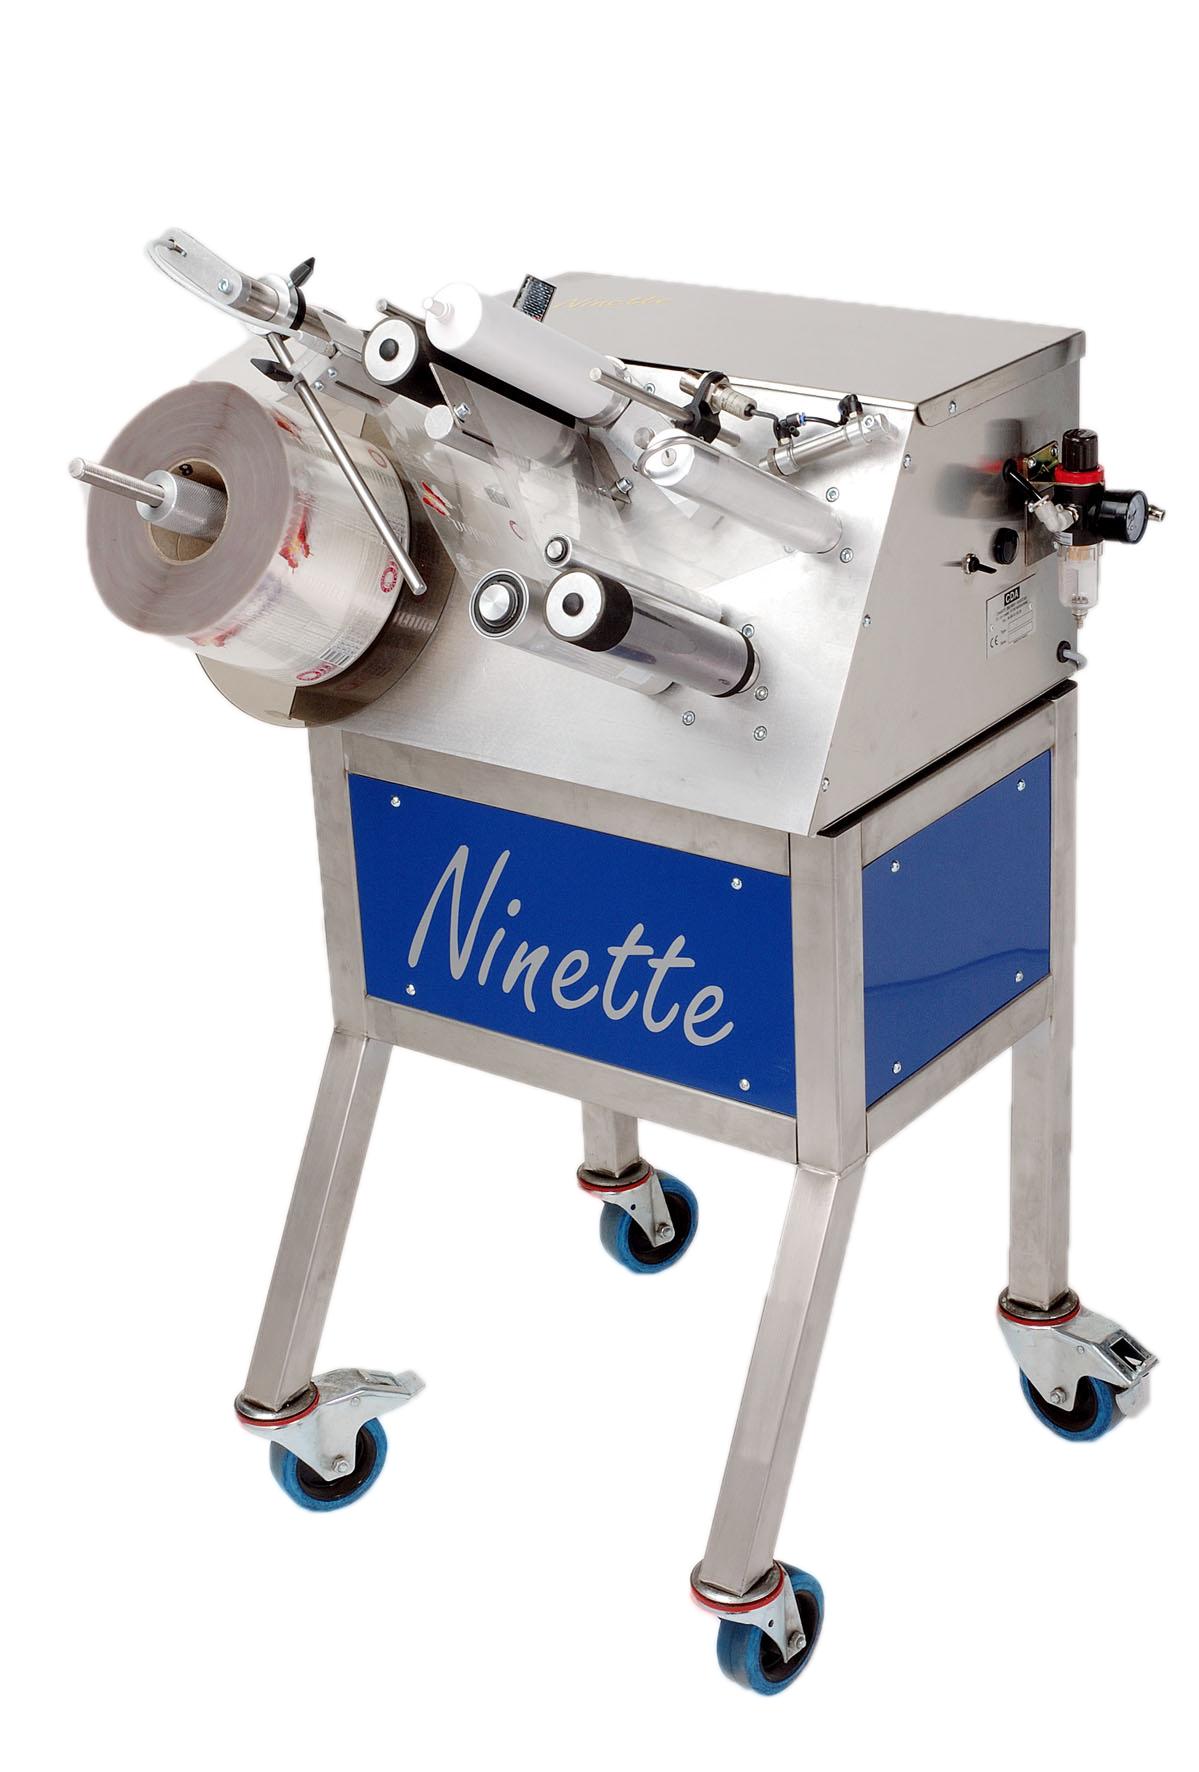 Ninette Tube